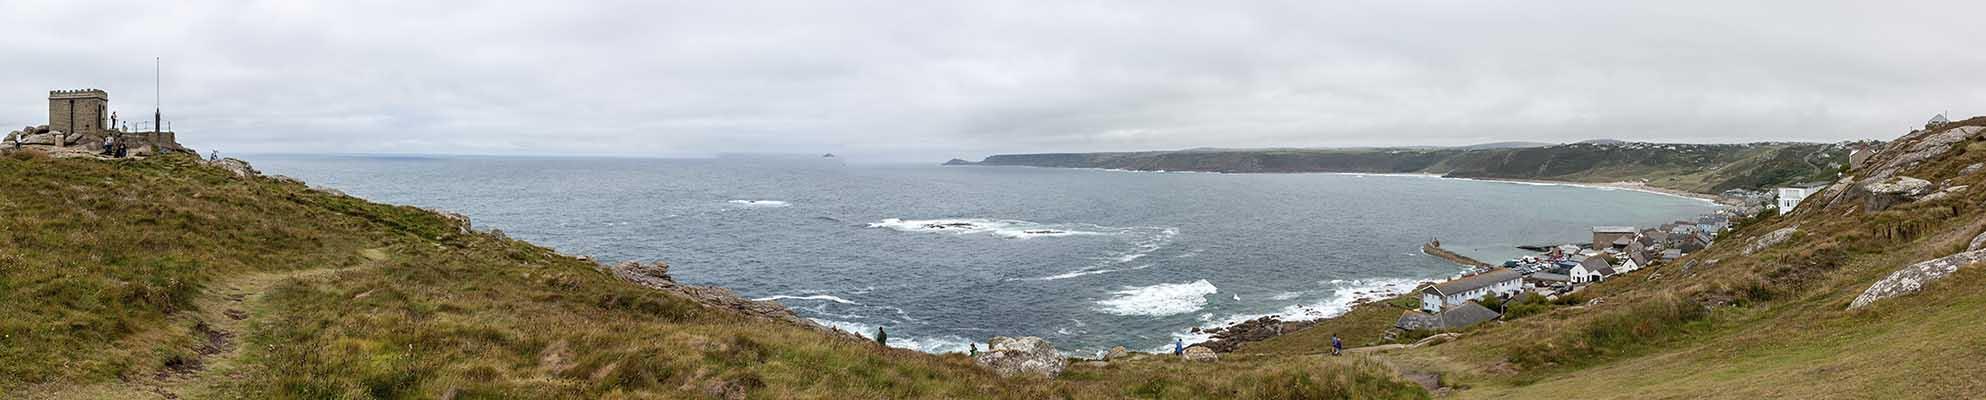 [Sennen Cove Whitesand Bay Panorama]